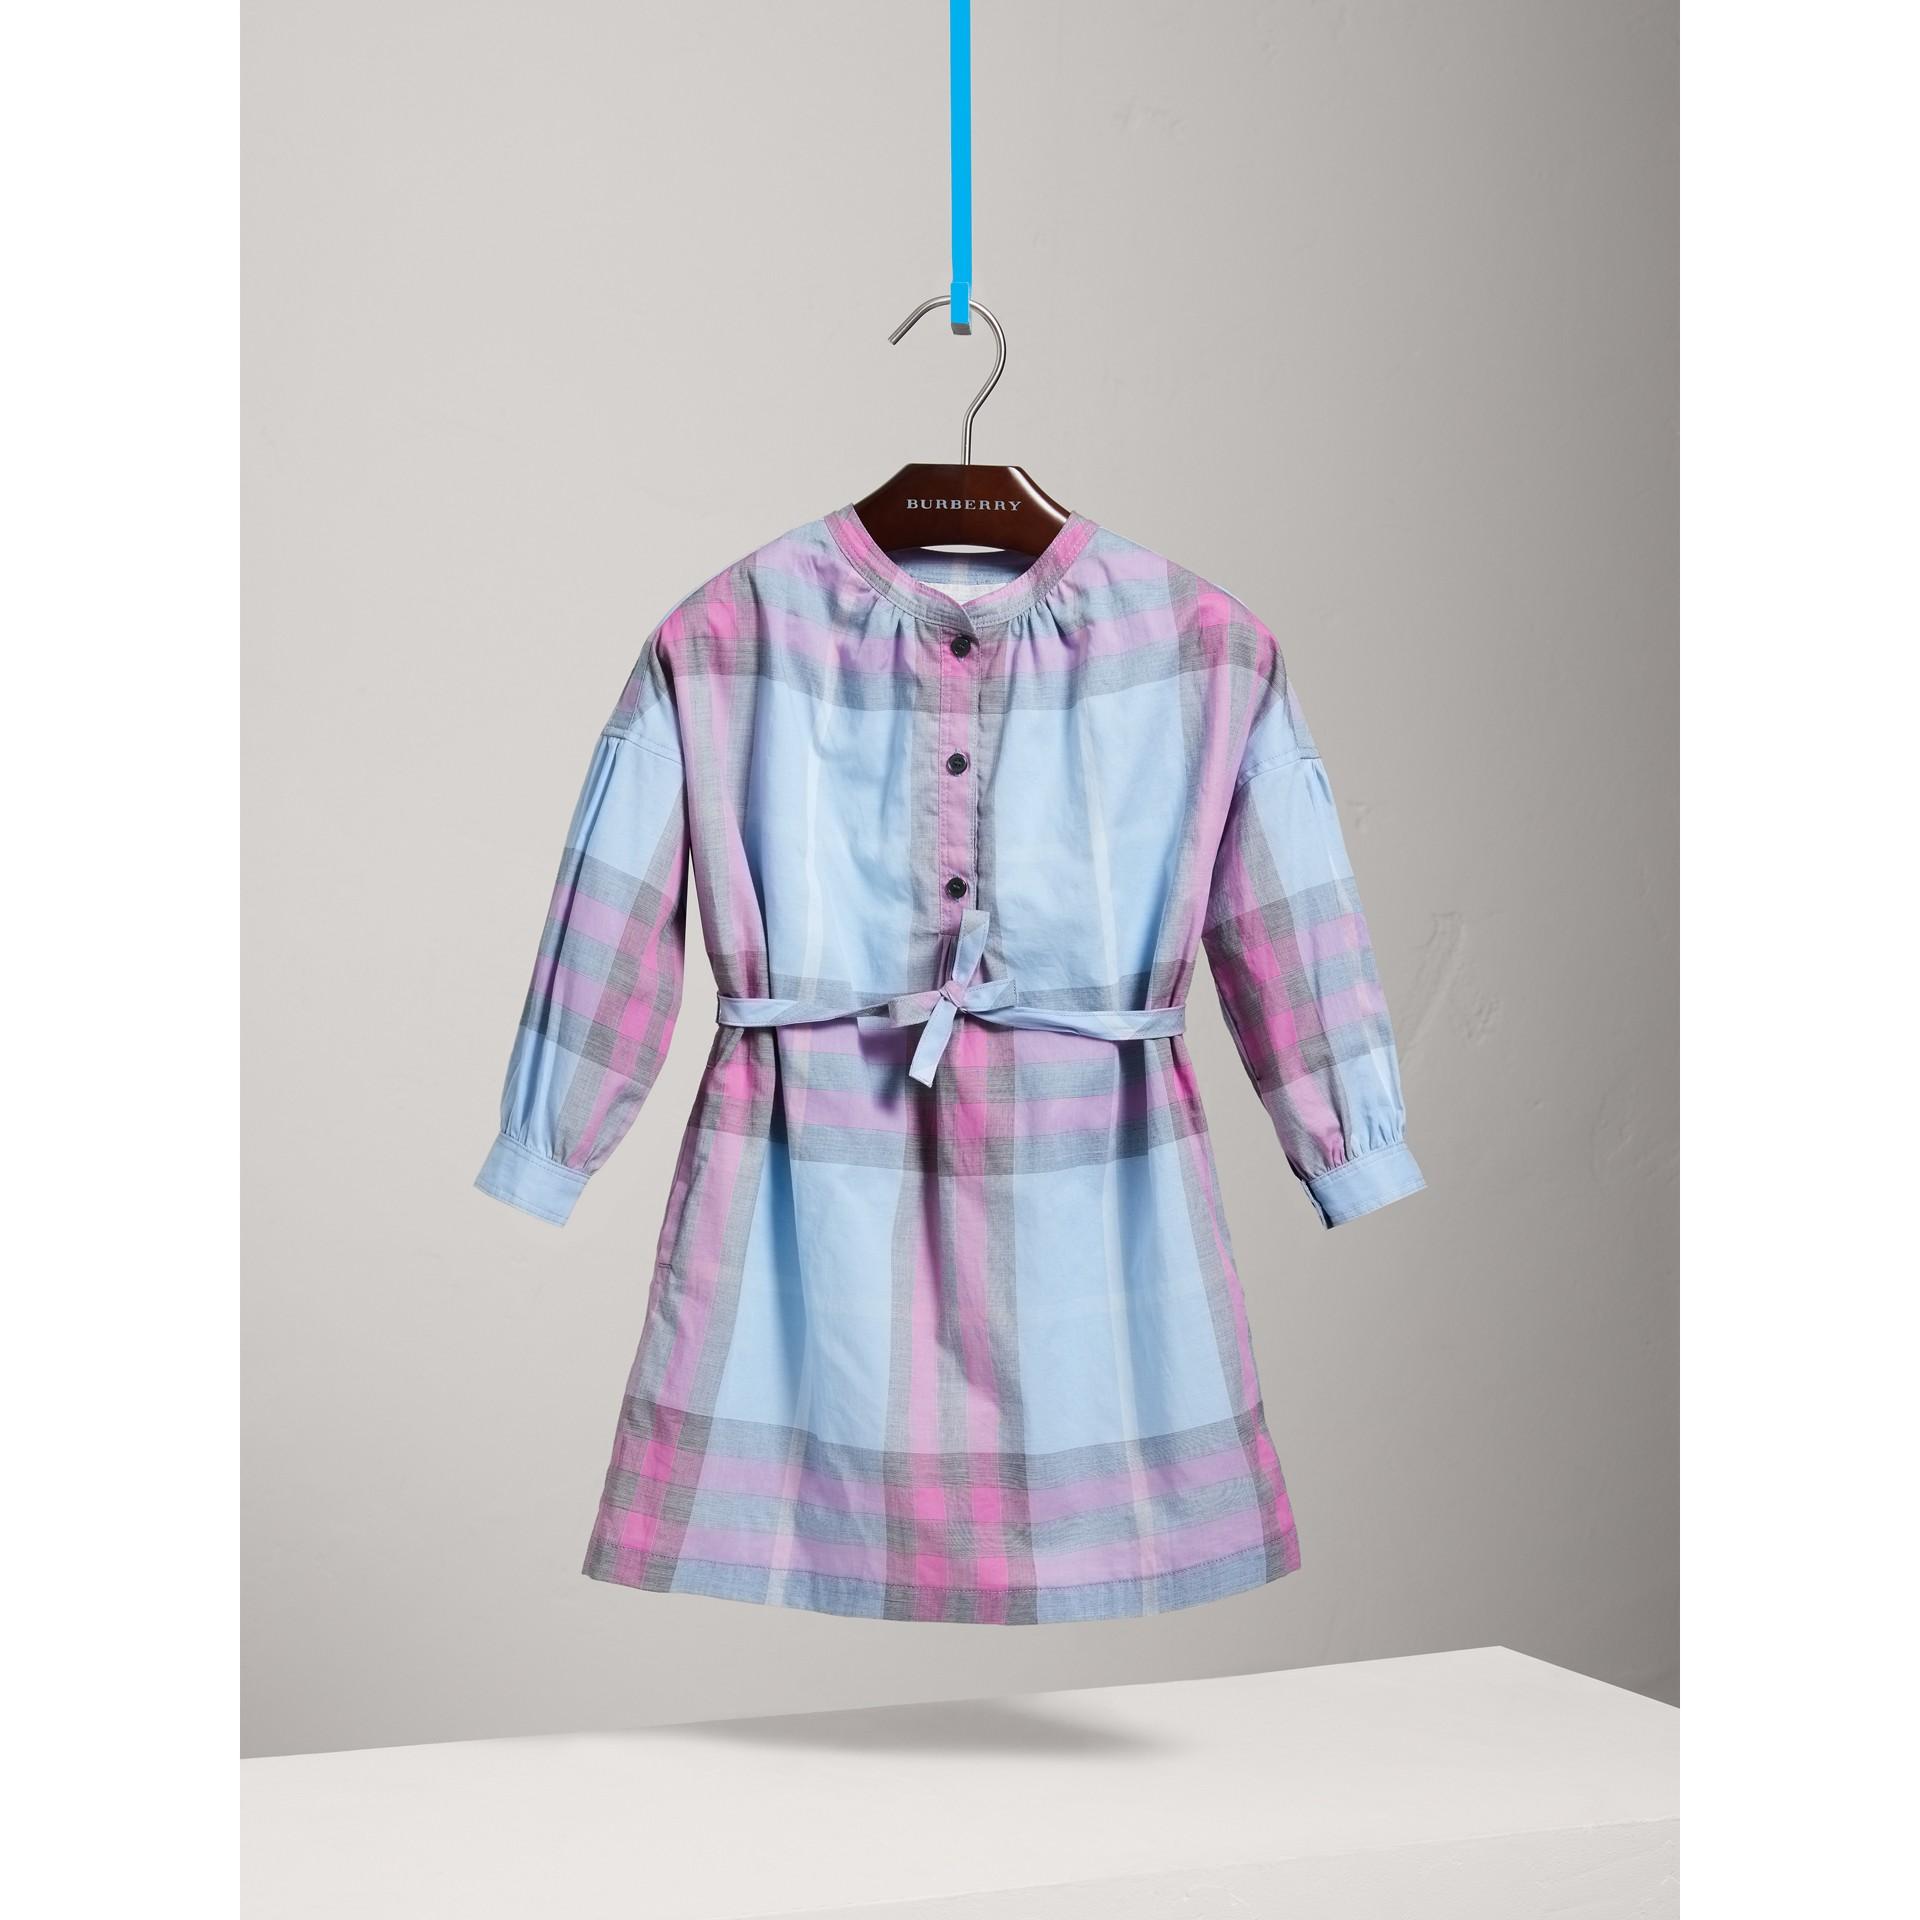 チェック コットン シャツドレス (チョークブルー) - ガール | バーバリー - ギャラリーイメージ 0